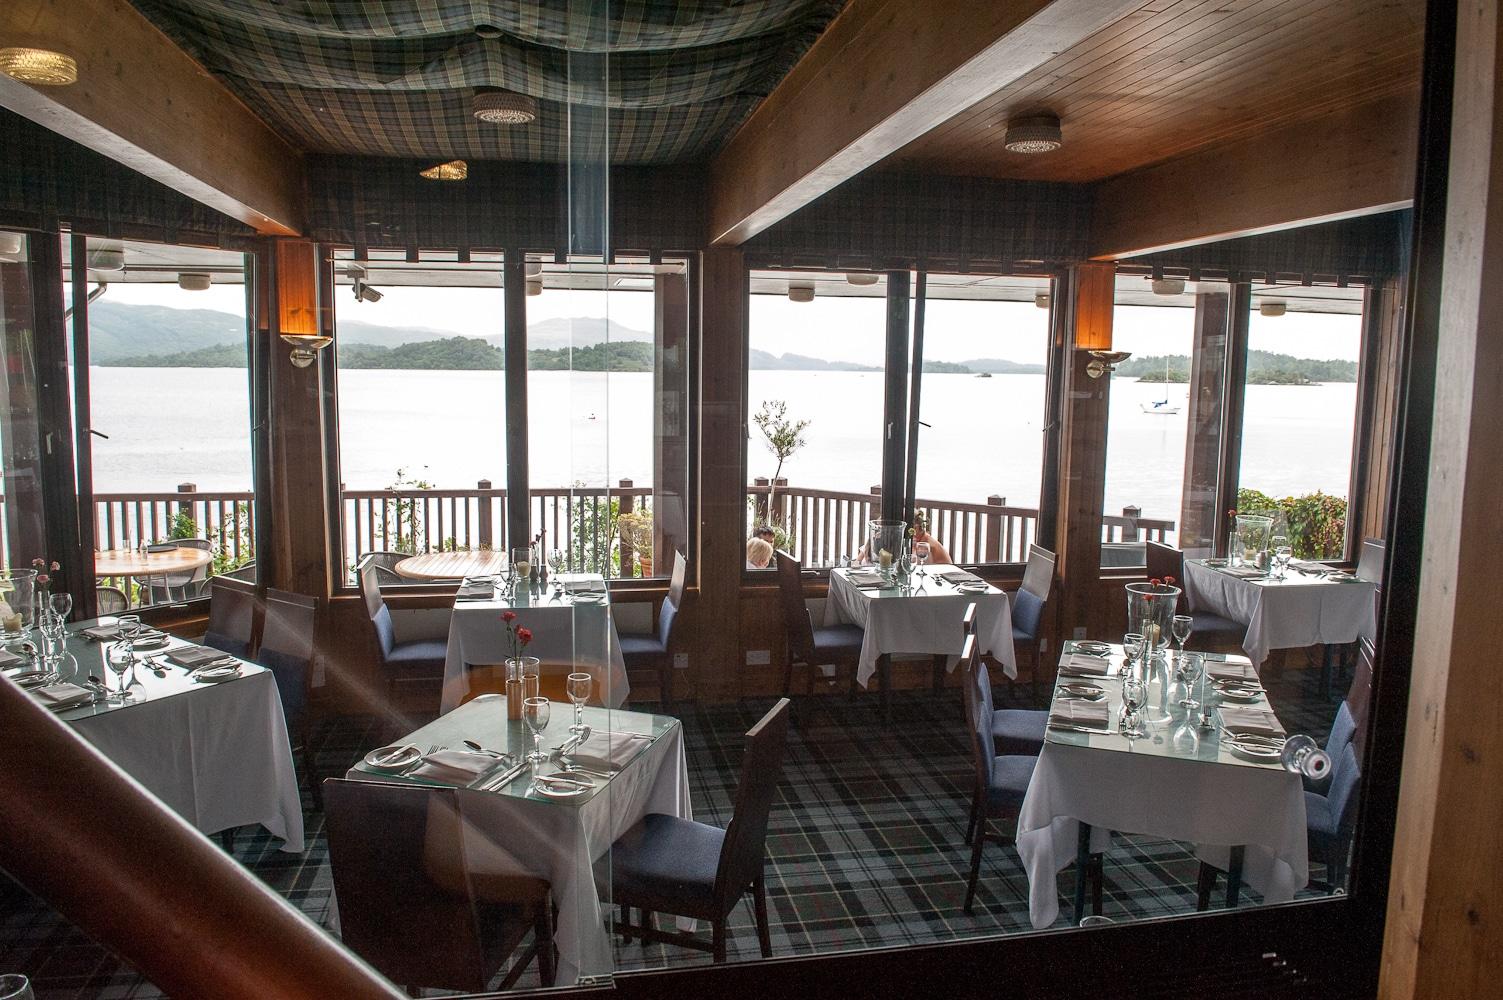 Lodge on Loch Lomond Restauarnt View over Loch Lomond Interior